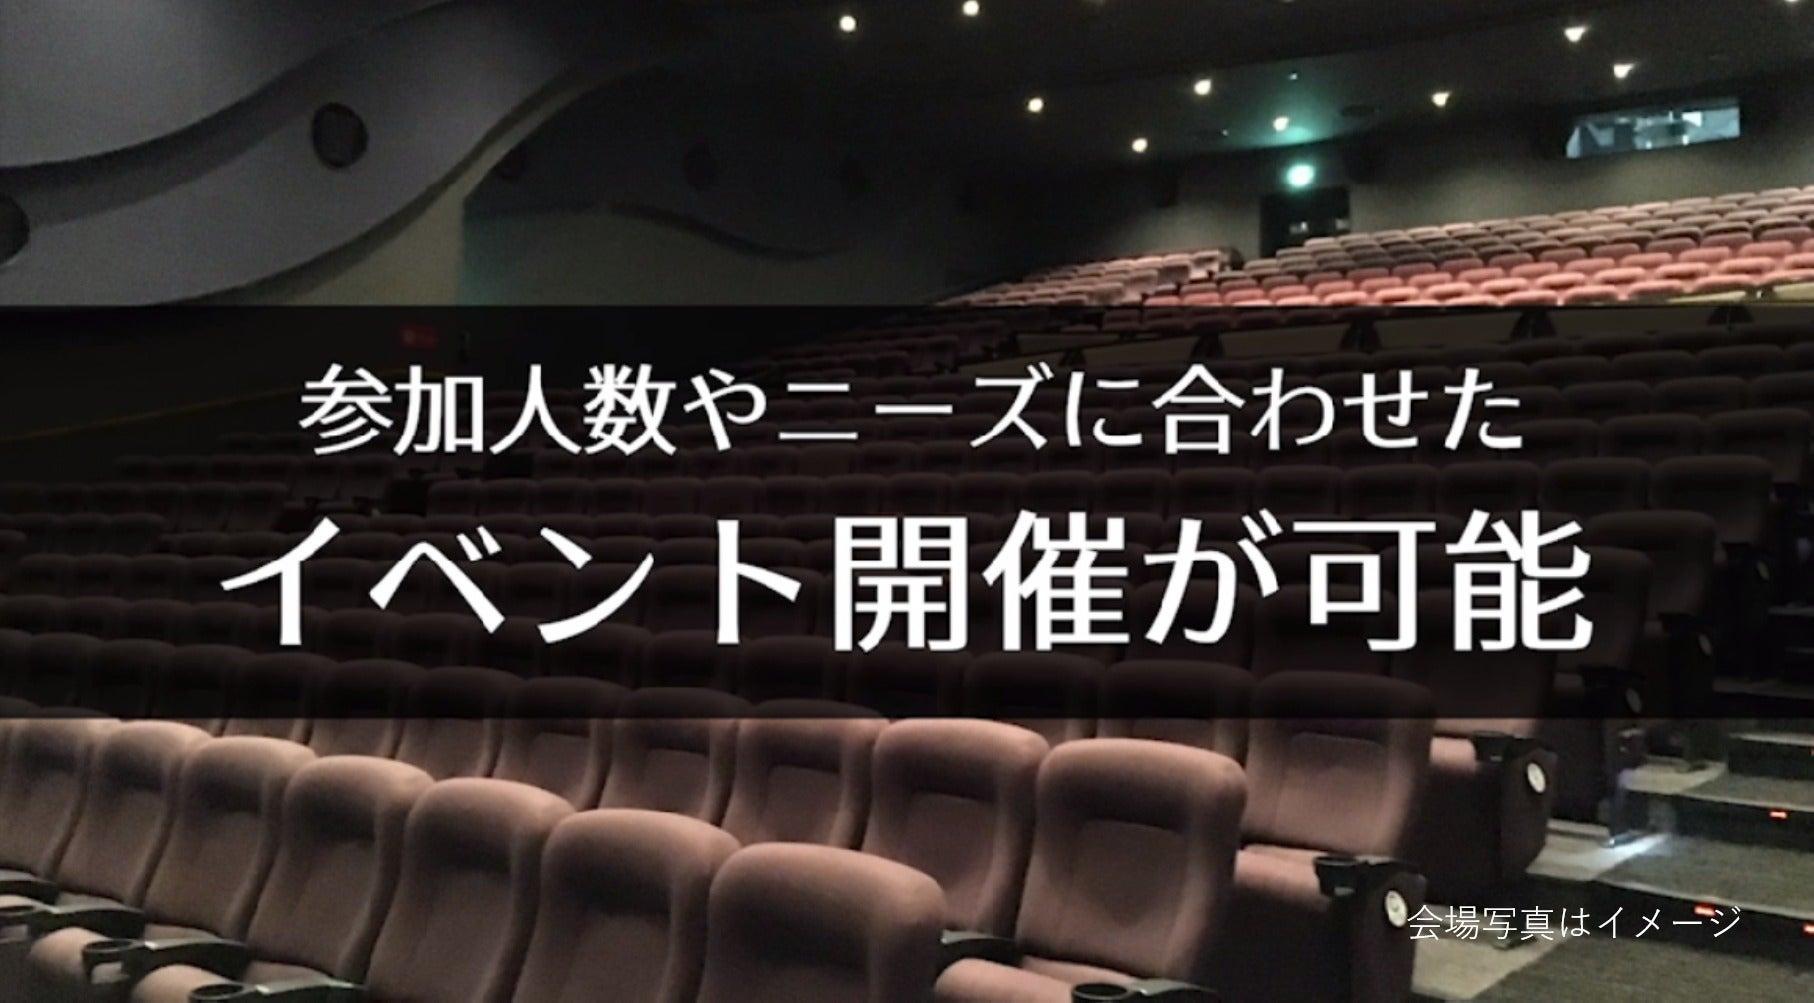 【阿久比 397席】映画館で、会社説明会、株主総会、講演会の企画はいかがですか?(ユナイテッド・シネマ阿久比) の写真0